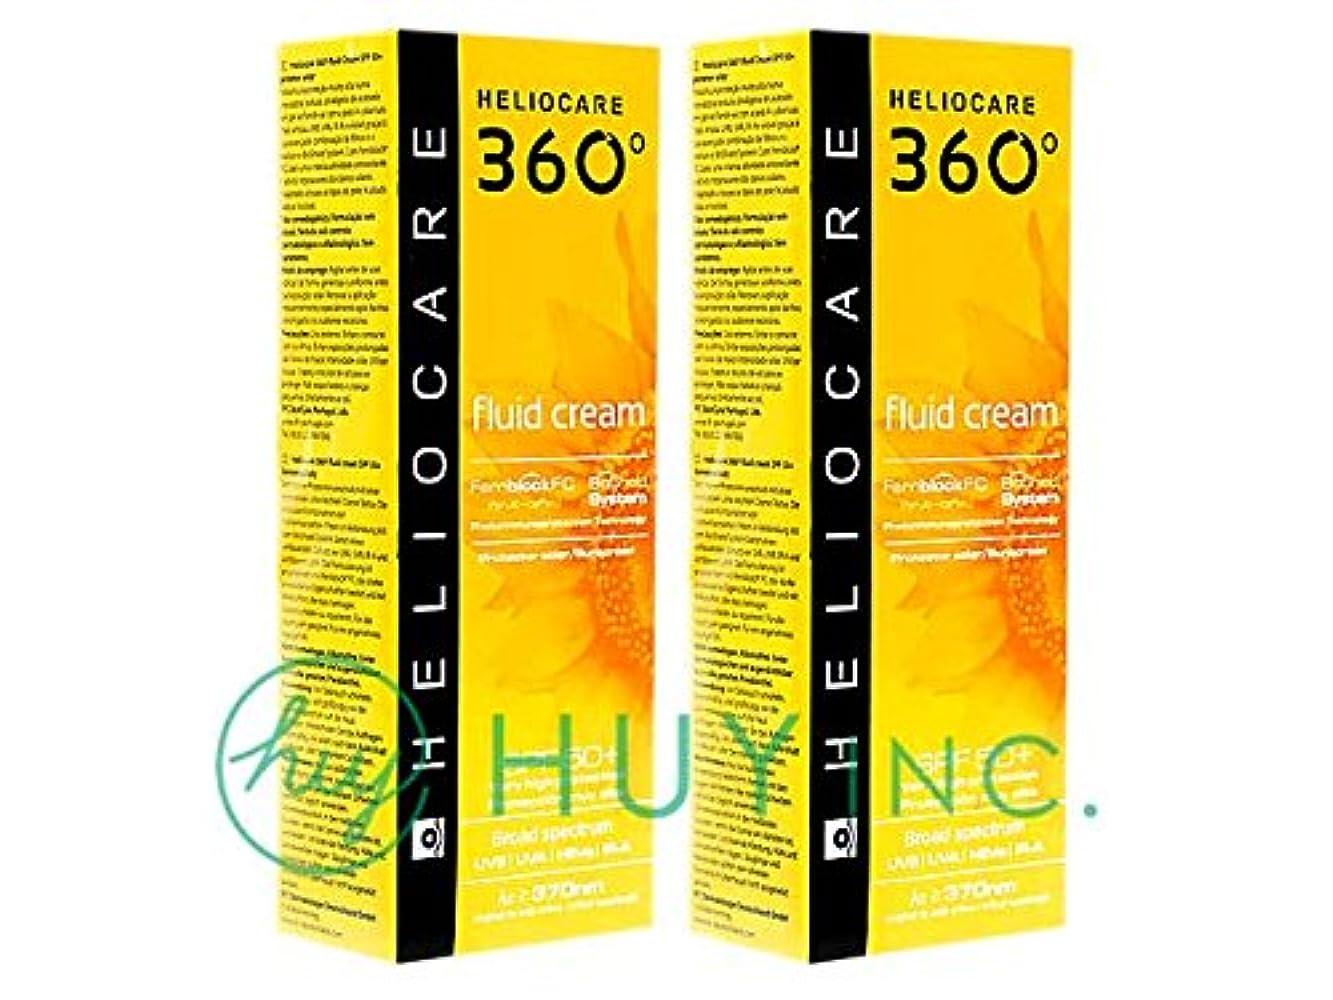 療法良心バーチャルヘリオケア 360°フルイドクリーム(Heliocare360FluidCream)SPF50+ 2ボトル(50ml×2) [並行輸入品]